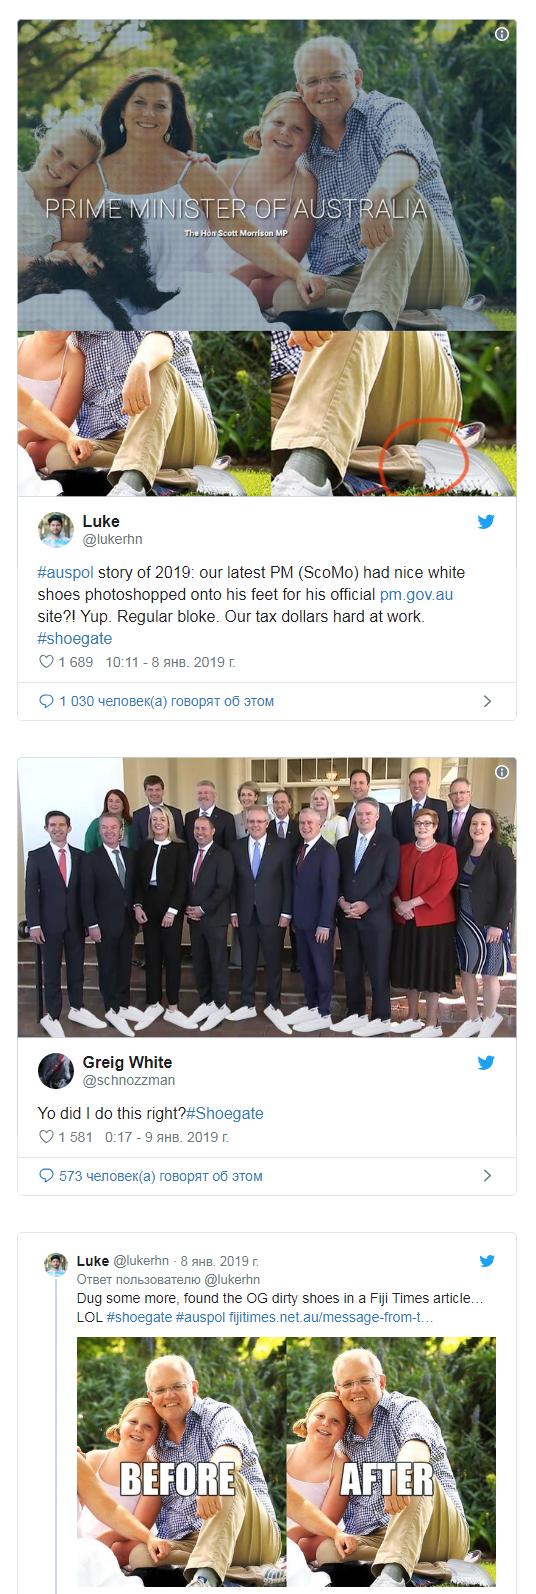 Известный политик оконфузился из-за неудачного фотошопа (1)